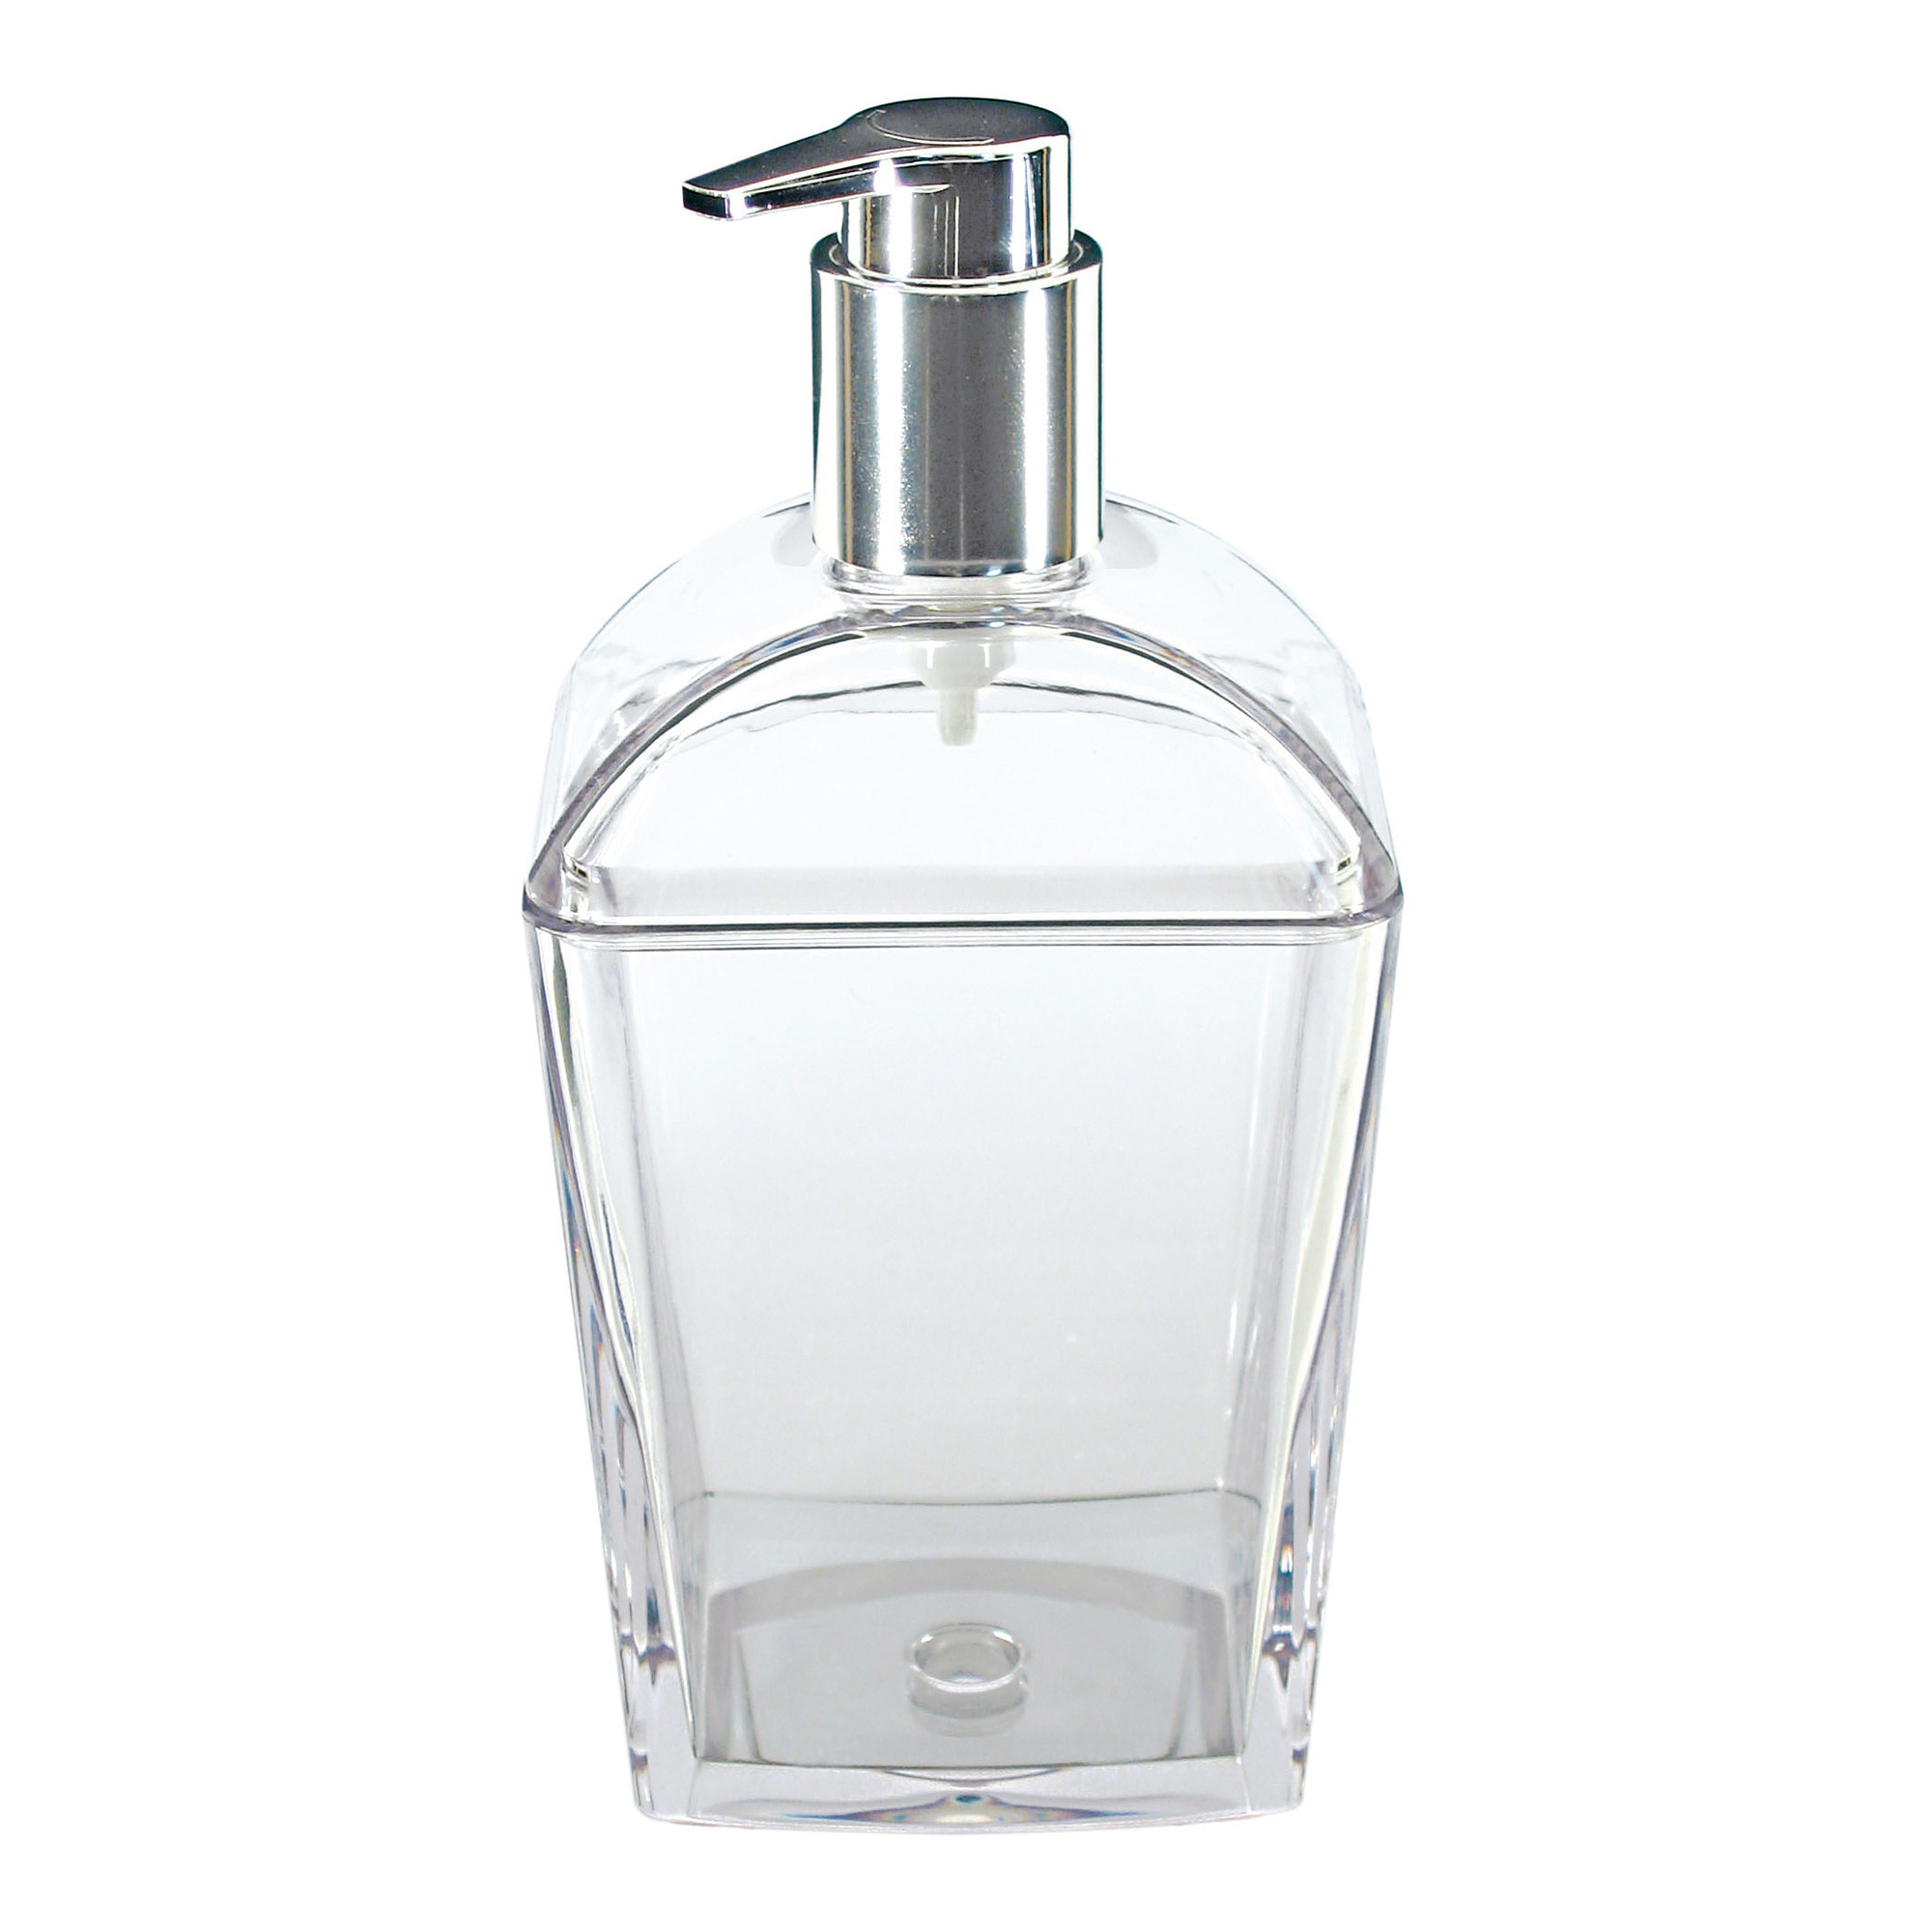 distributeur de savon liquide transparent anjou connectique. Black Bedroom Furniture Sets. Home Design Ideas